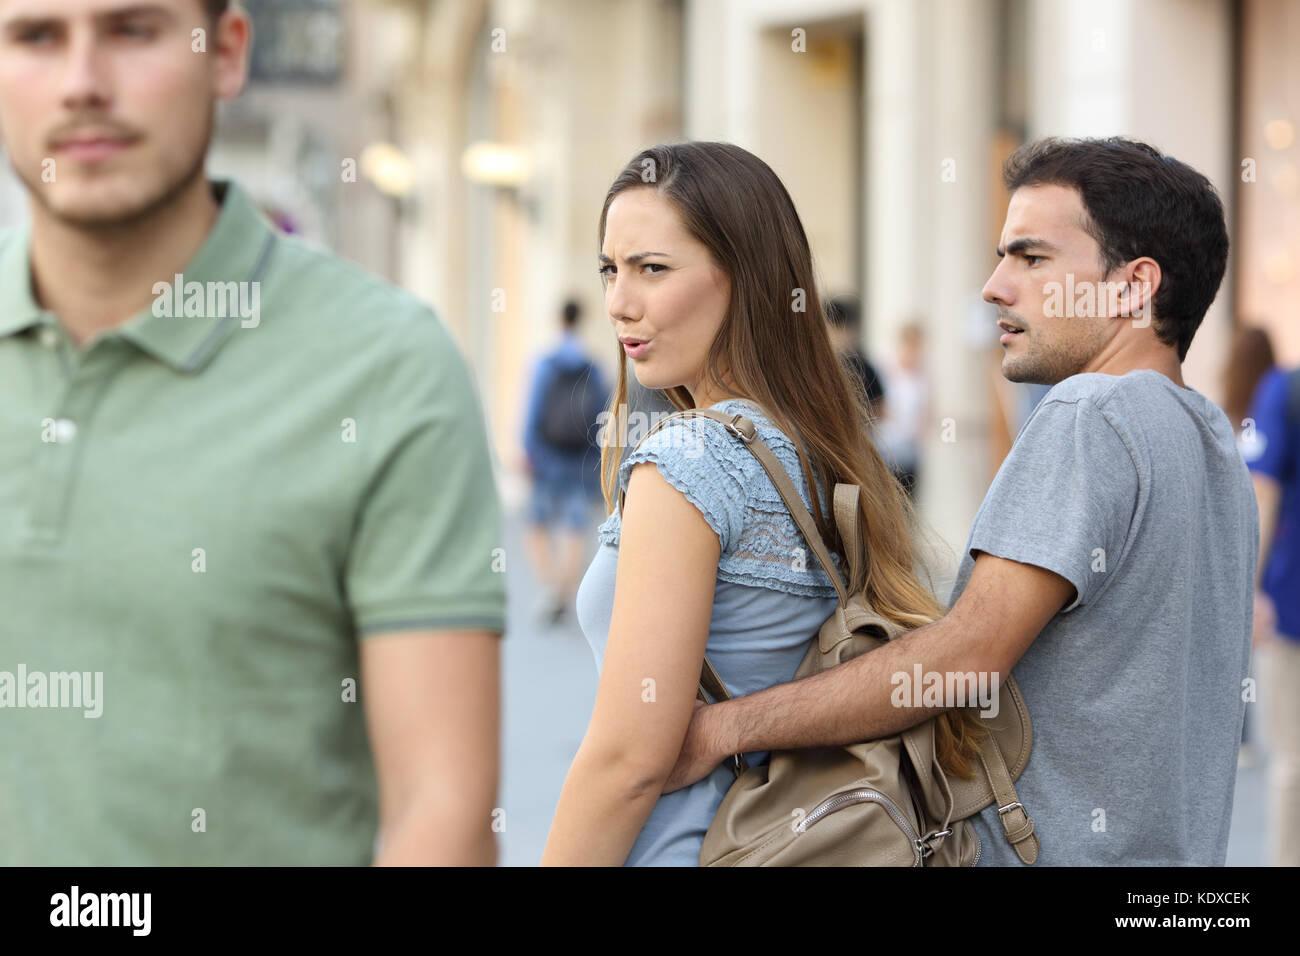 Datazione donna con fidanzato